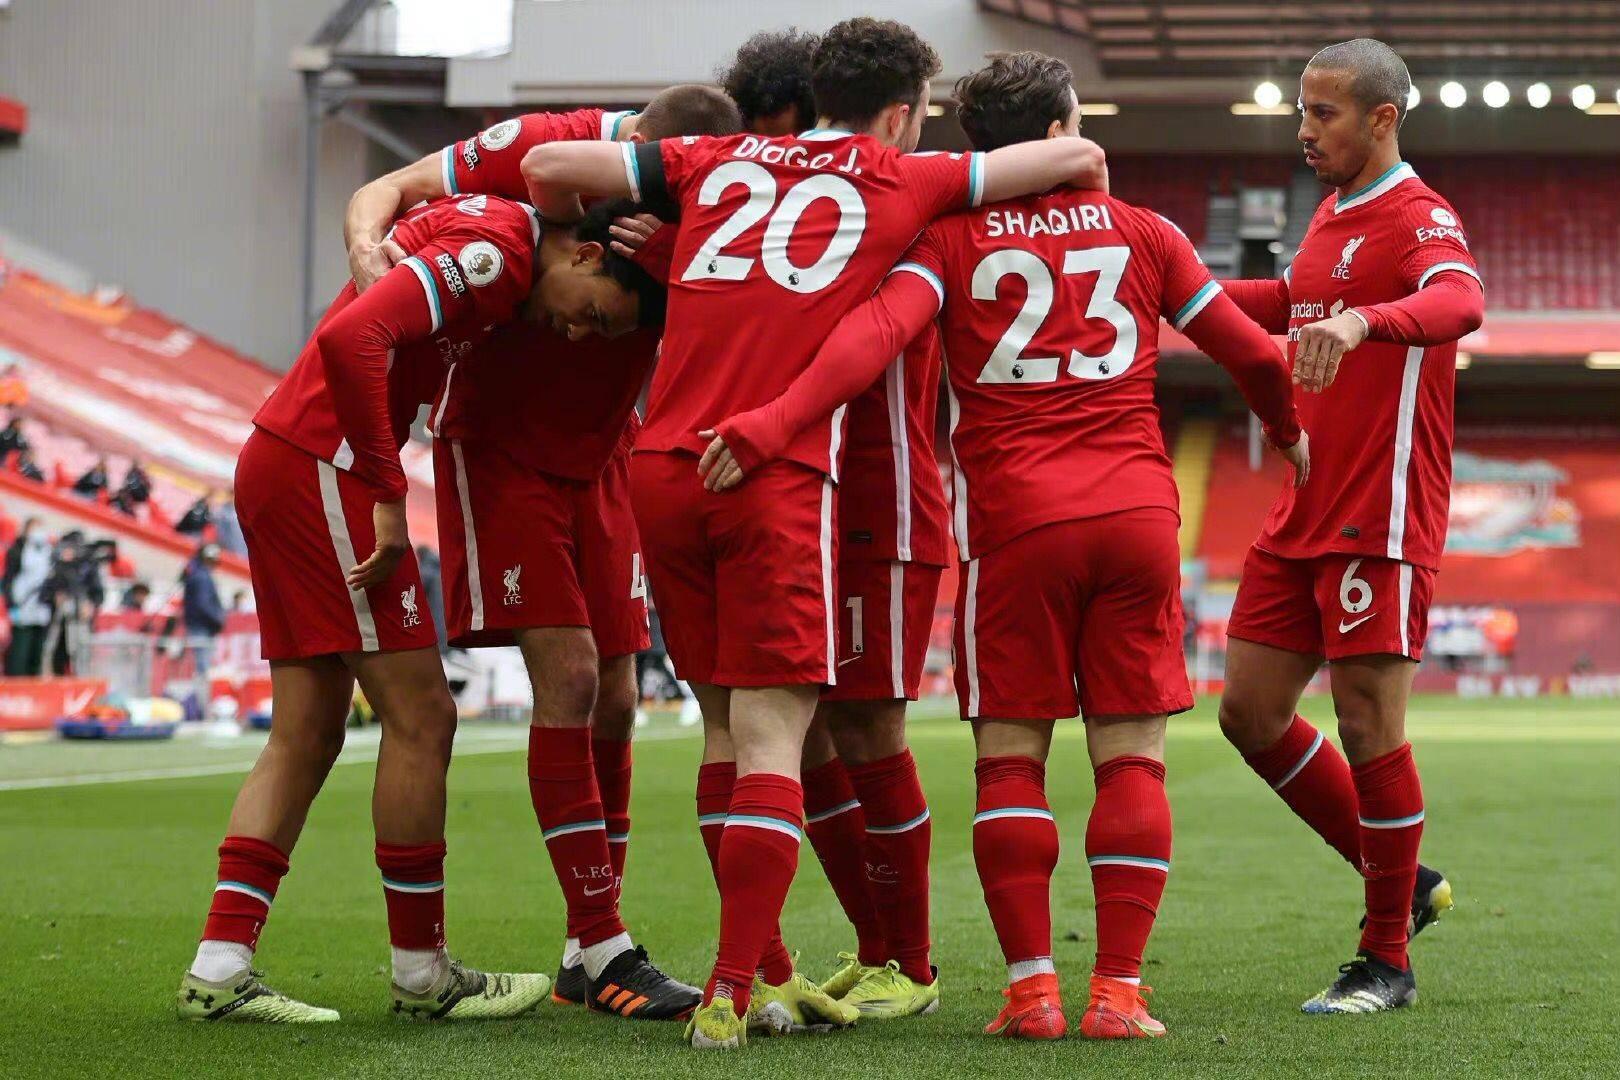 原创             利物浦争四手握两大优势 剩余6轮还需保底赢下4场